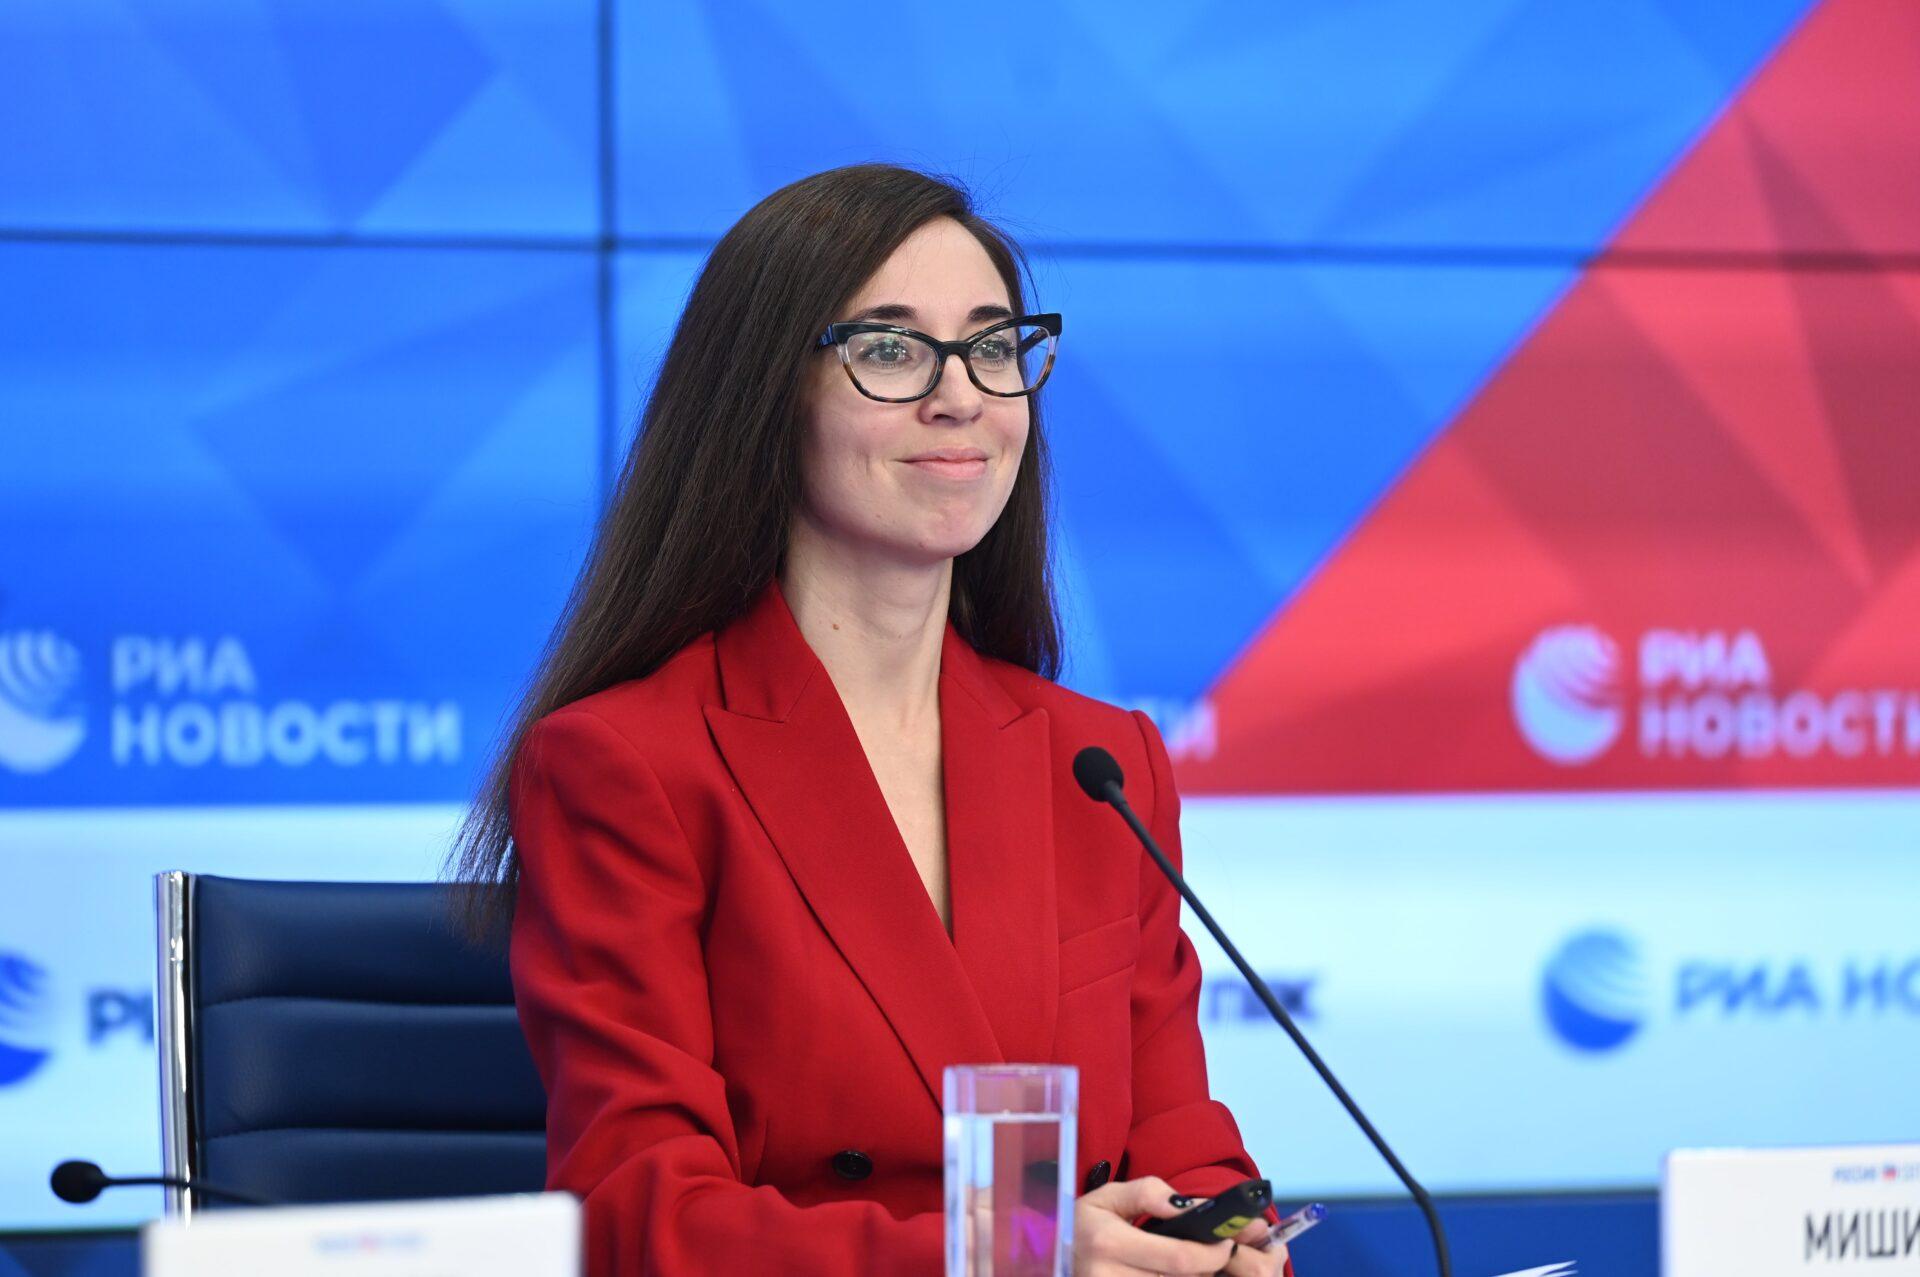 Обучение учителей личной эффективности: Наталья Мишина рассказала о старте Всероссийского Форума СОТ